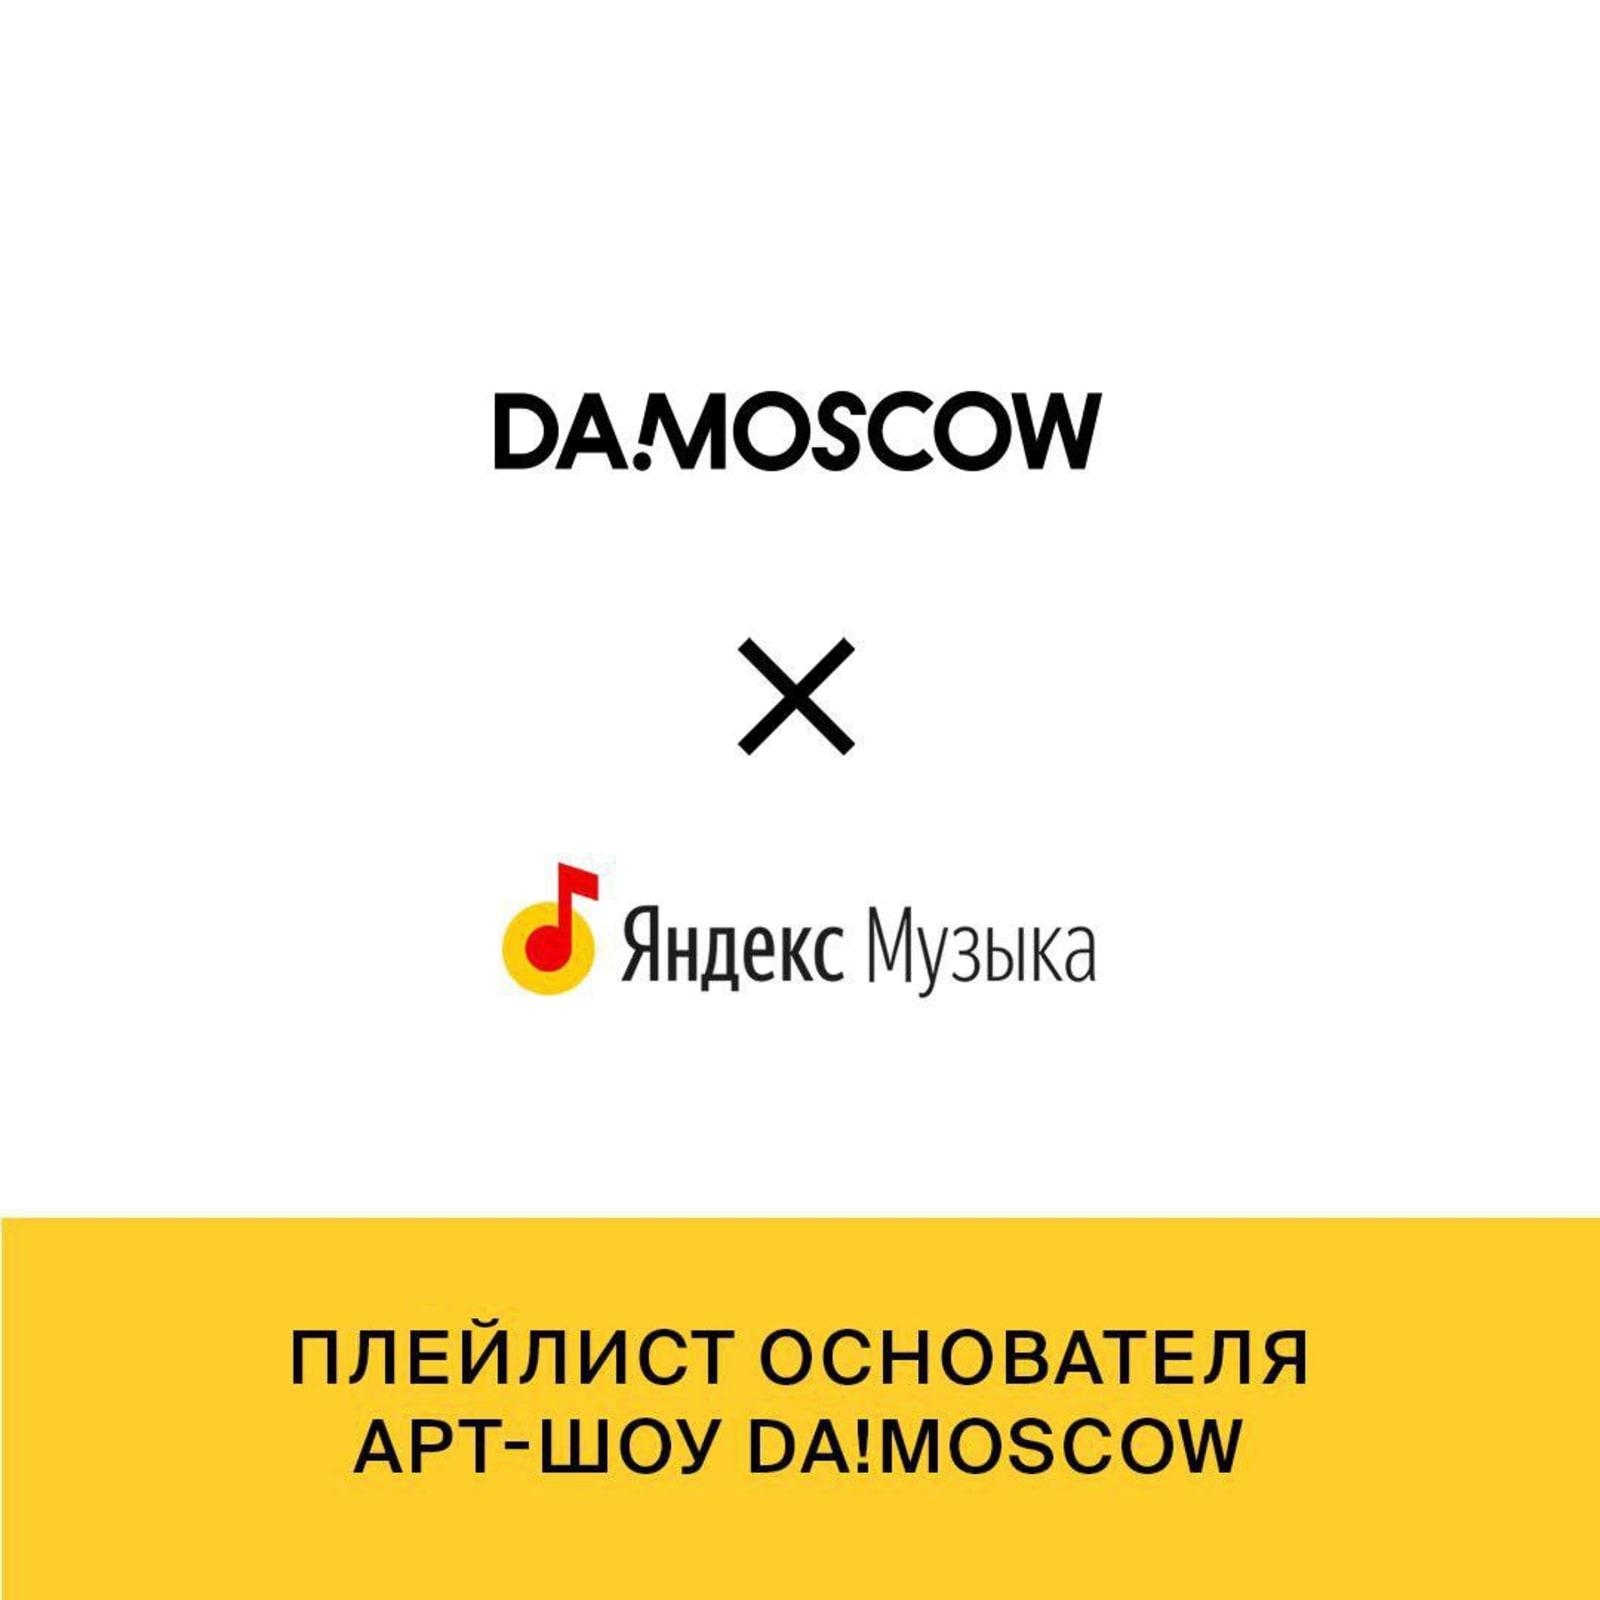 Совместно с партнером Яндекс.Музыкой команда DA!MOSCOW подготовила эксклюзивные плейлисты